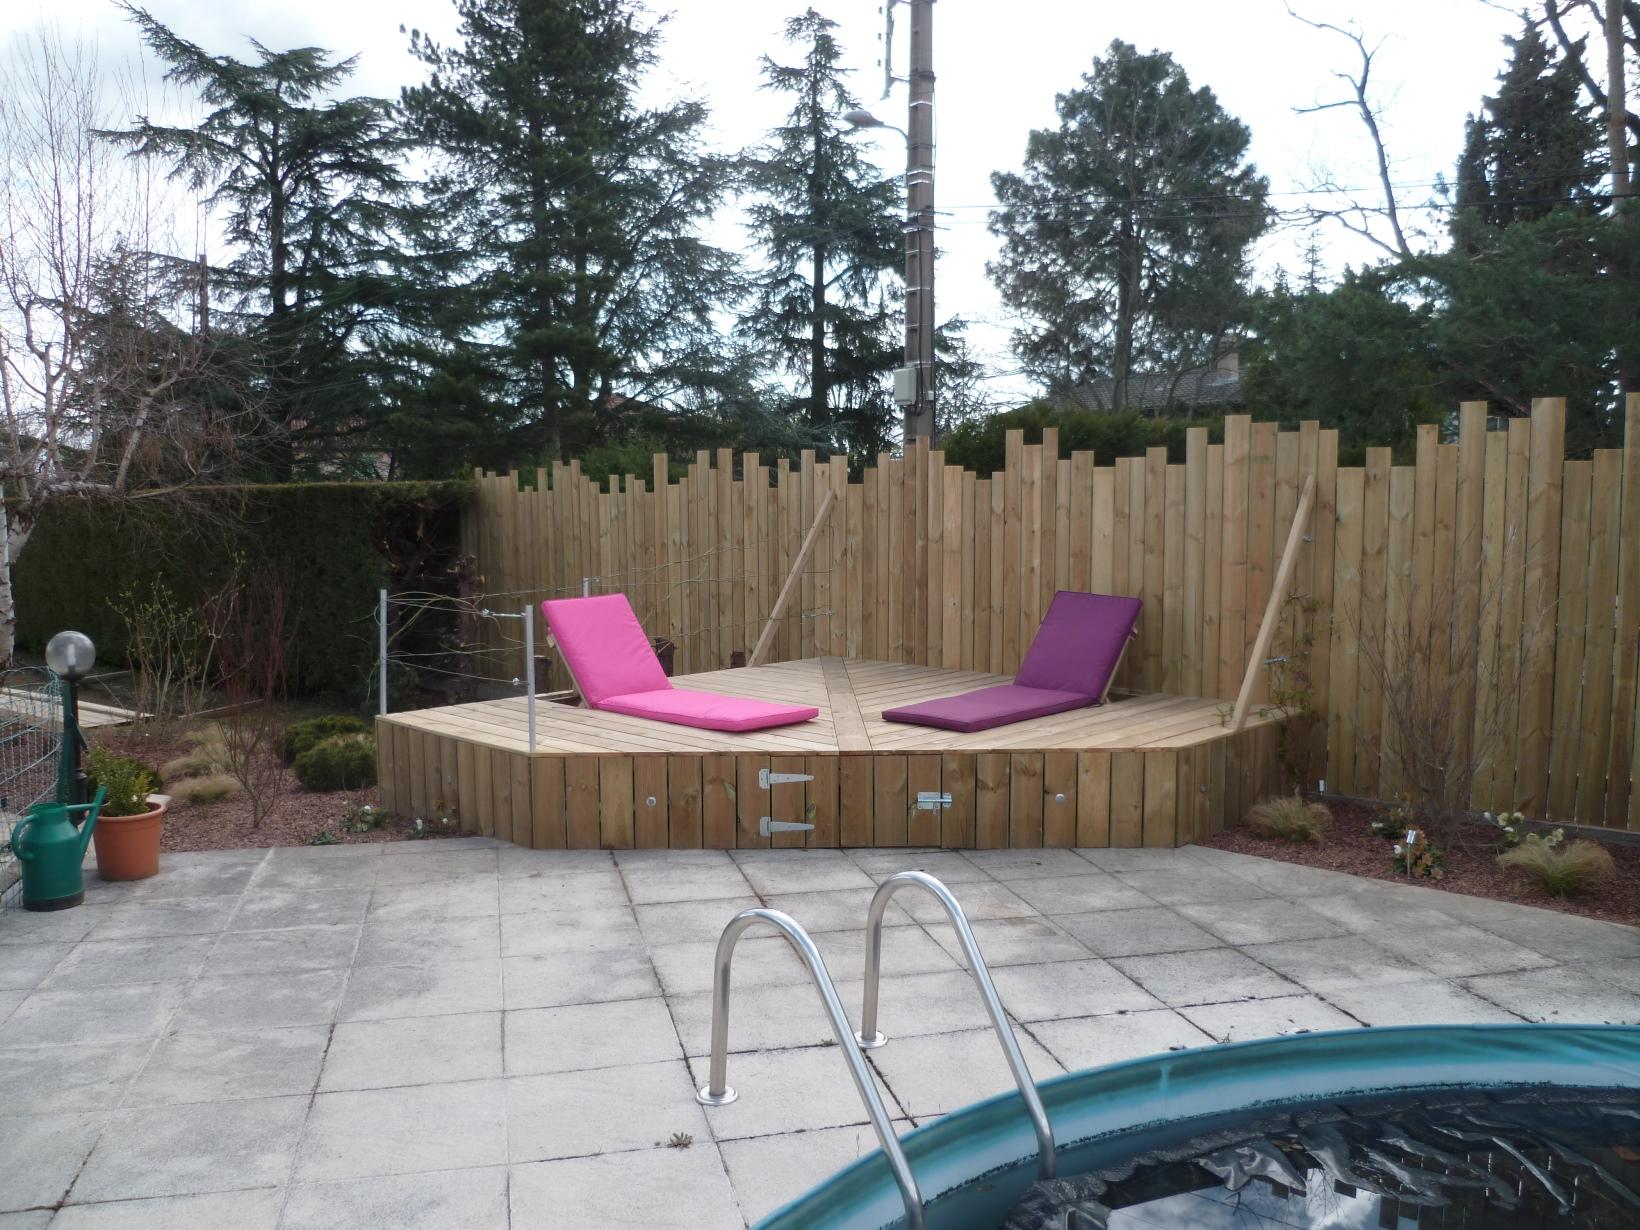 Jour de jardin paysagiste lyon piscines et spa - Piscine bois octogonale lyon ...